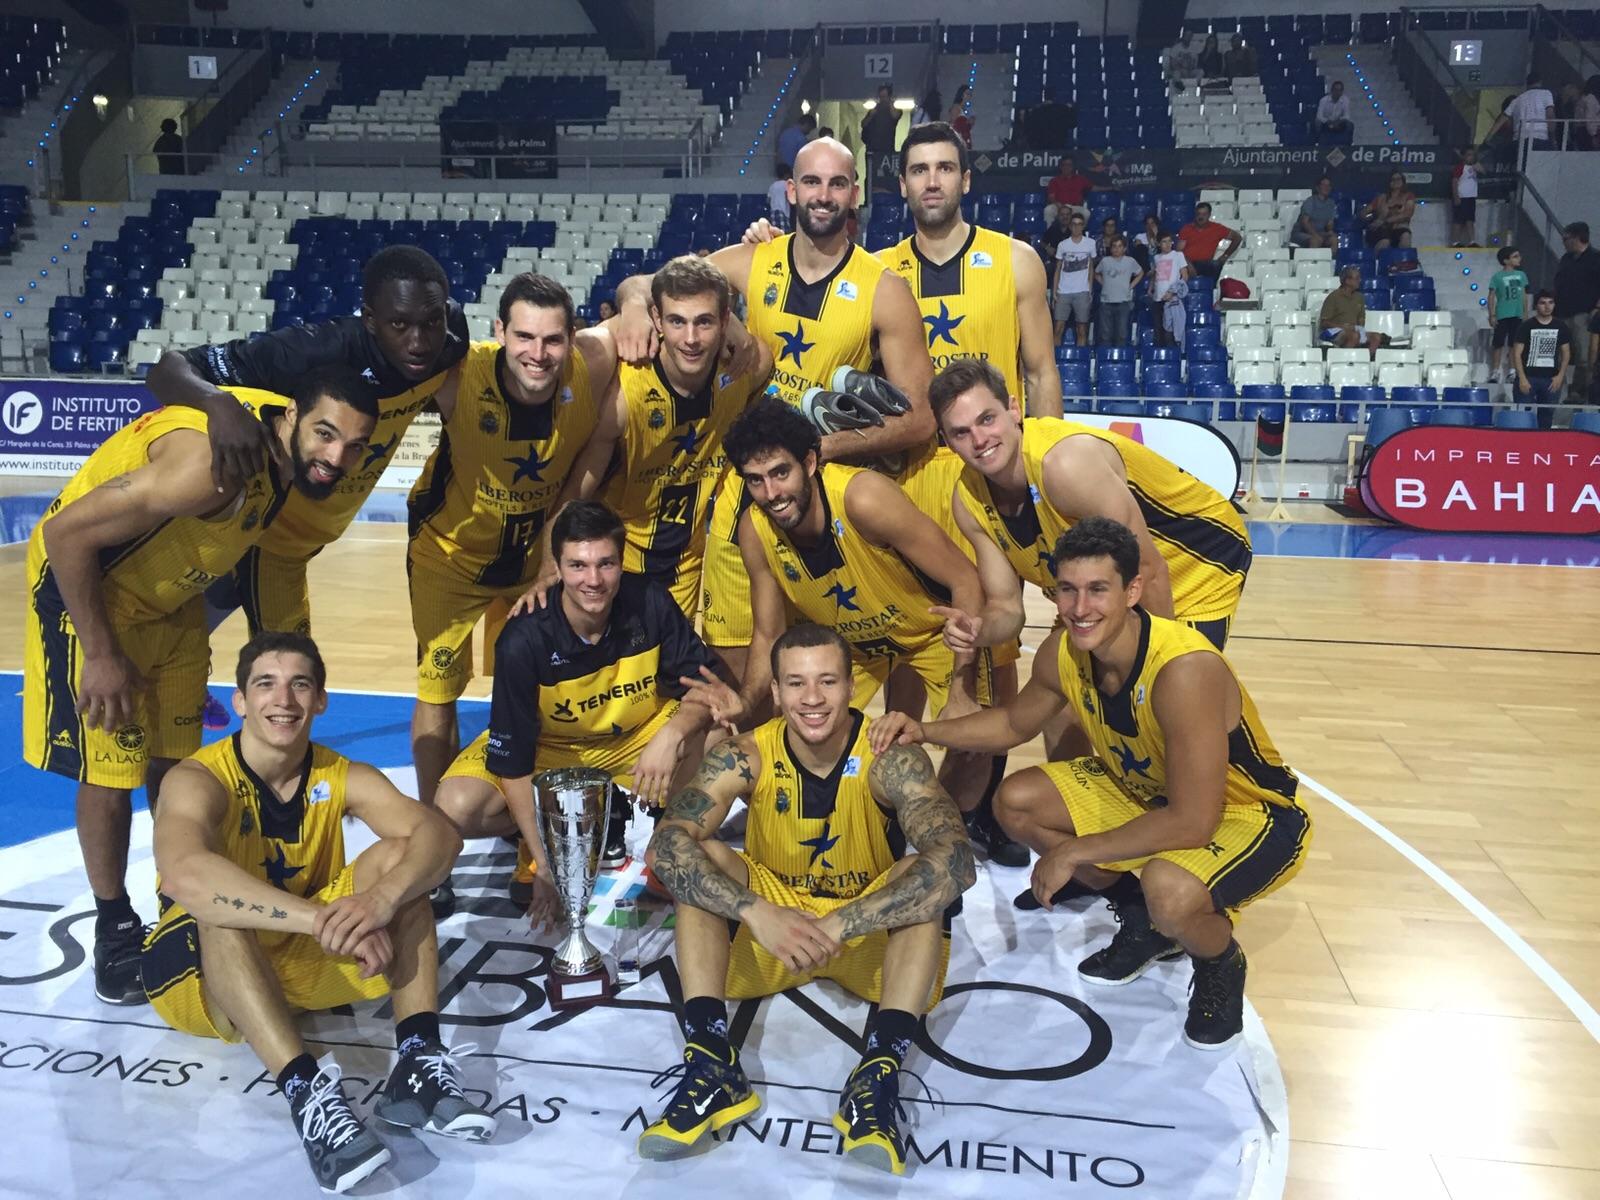 Club Baloncesto Canarias 2015-16, campeón del torneo Ciutat de Palma